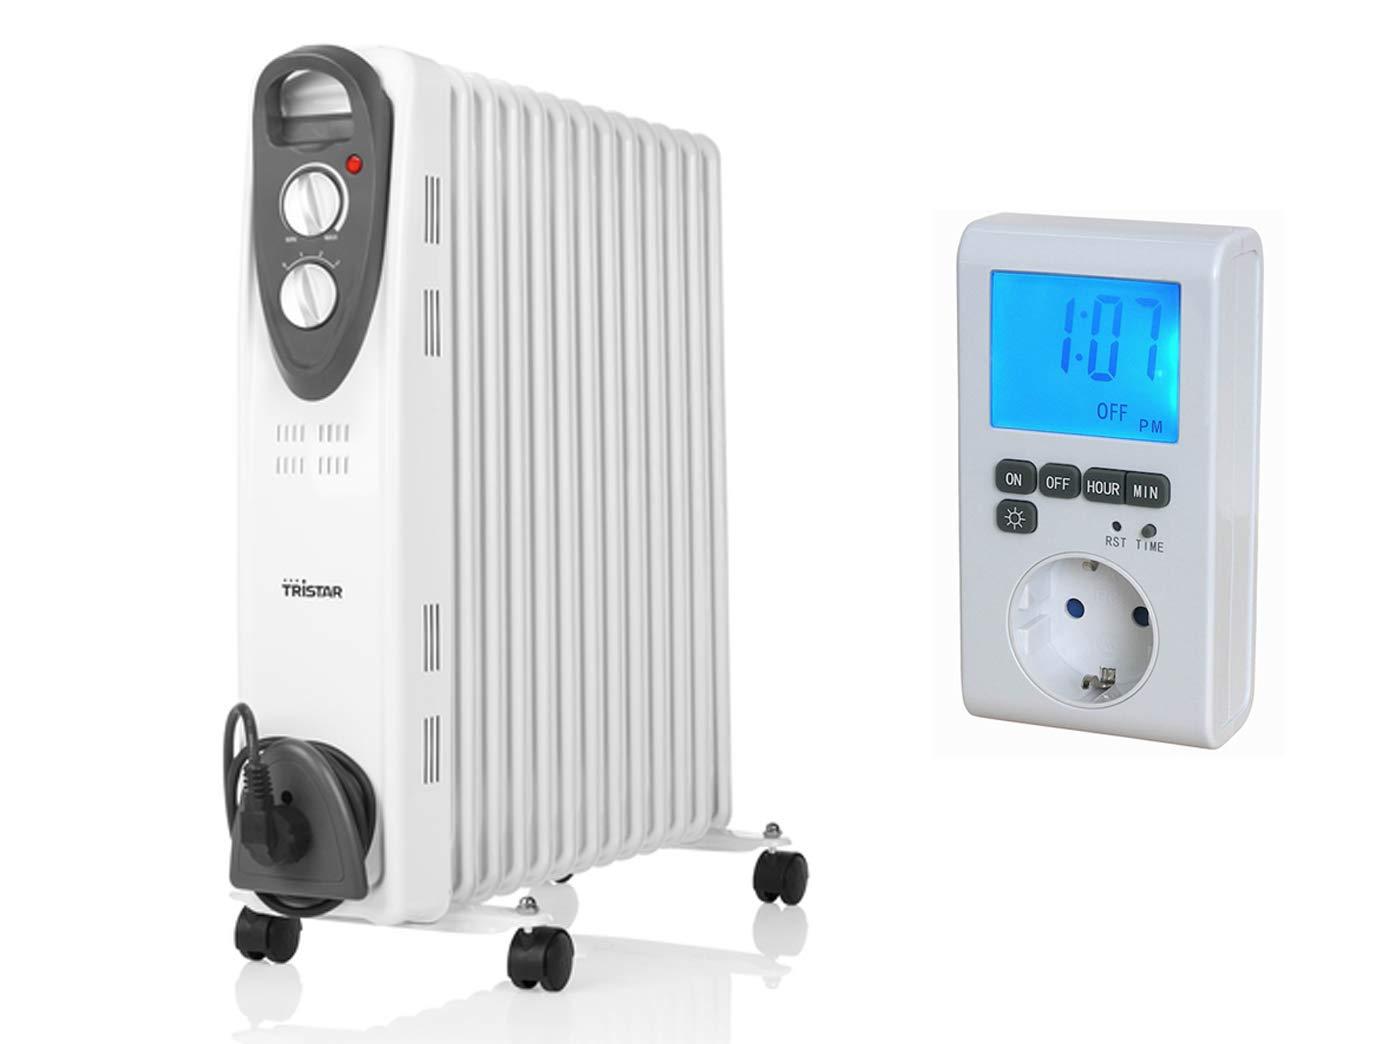 2500W Tristar Elektroheizung mit Rollen, 13 Rippen, regelbarer Thermostat, Zeitschaltuhr